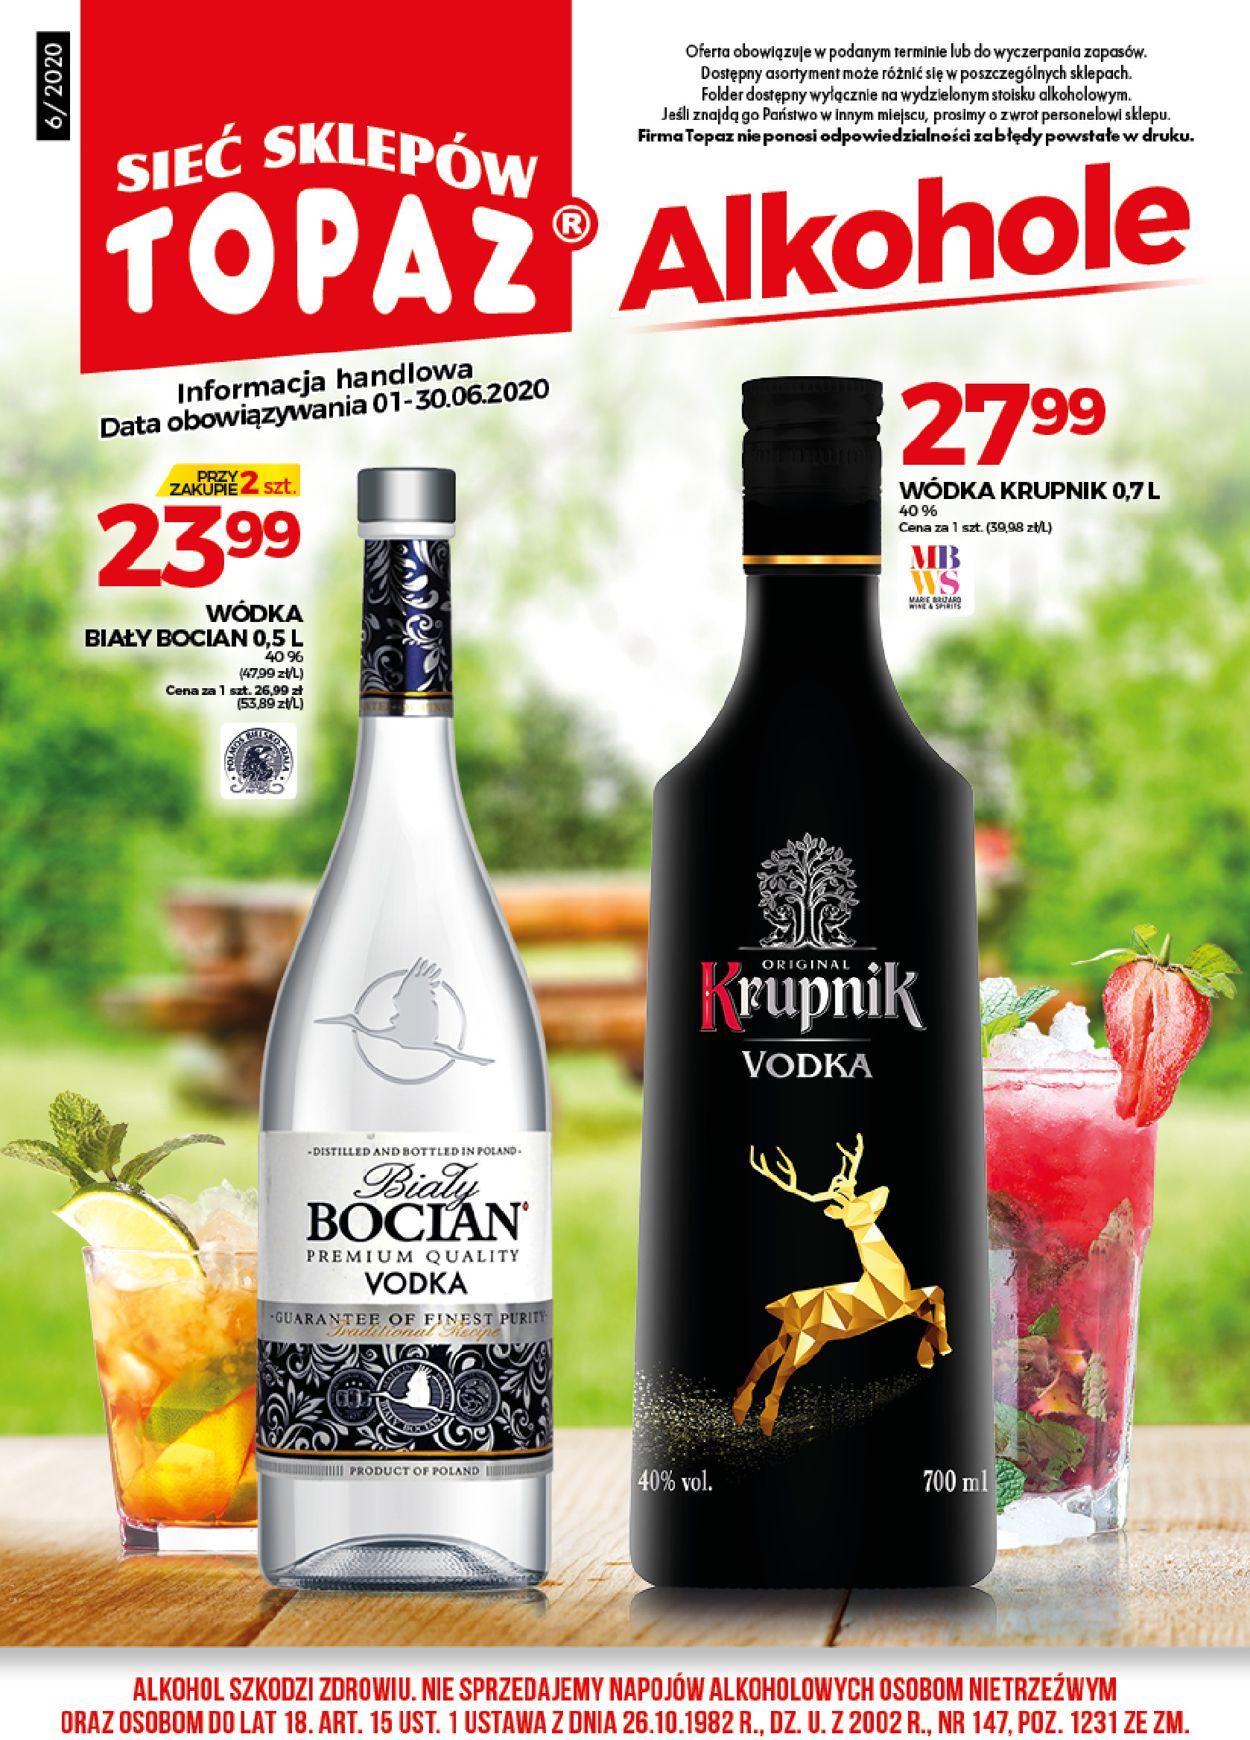 Gazetka promocyjna Topaz - 01.06-30.06.2020